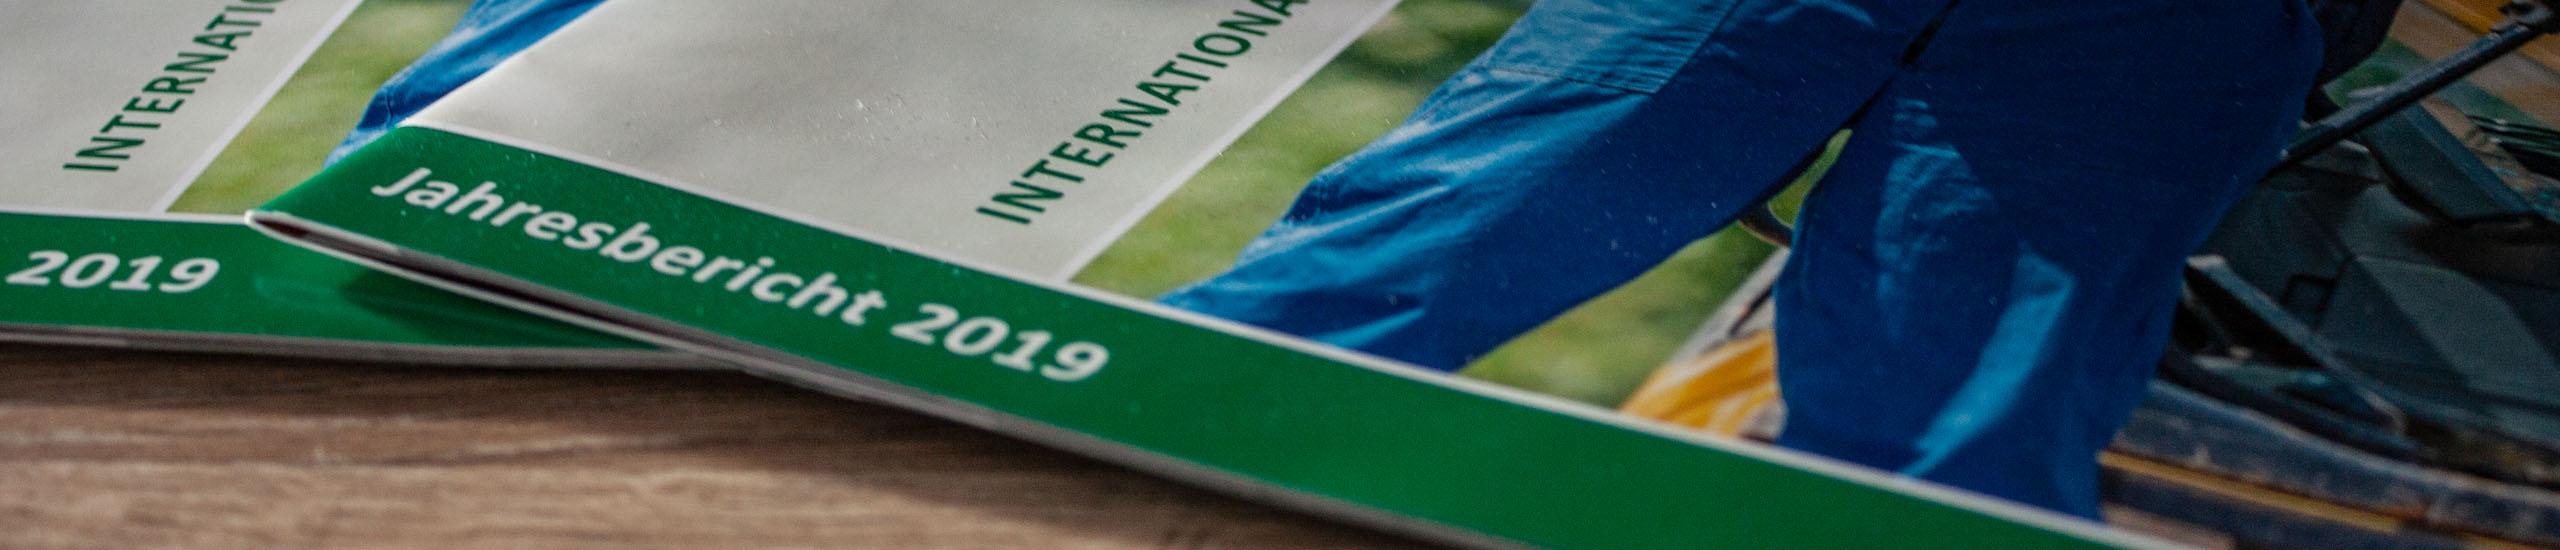 EMS Jahresbericht 2019